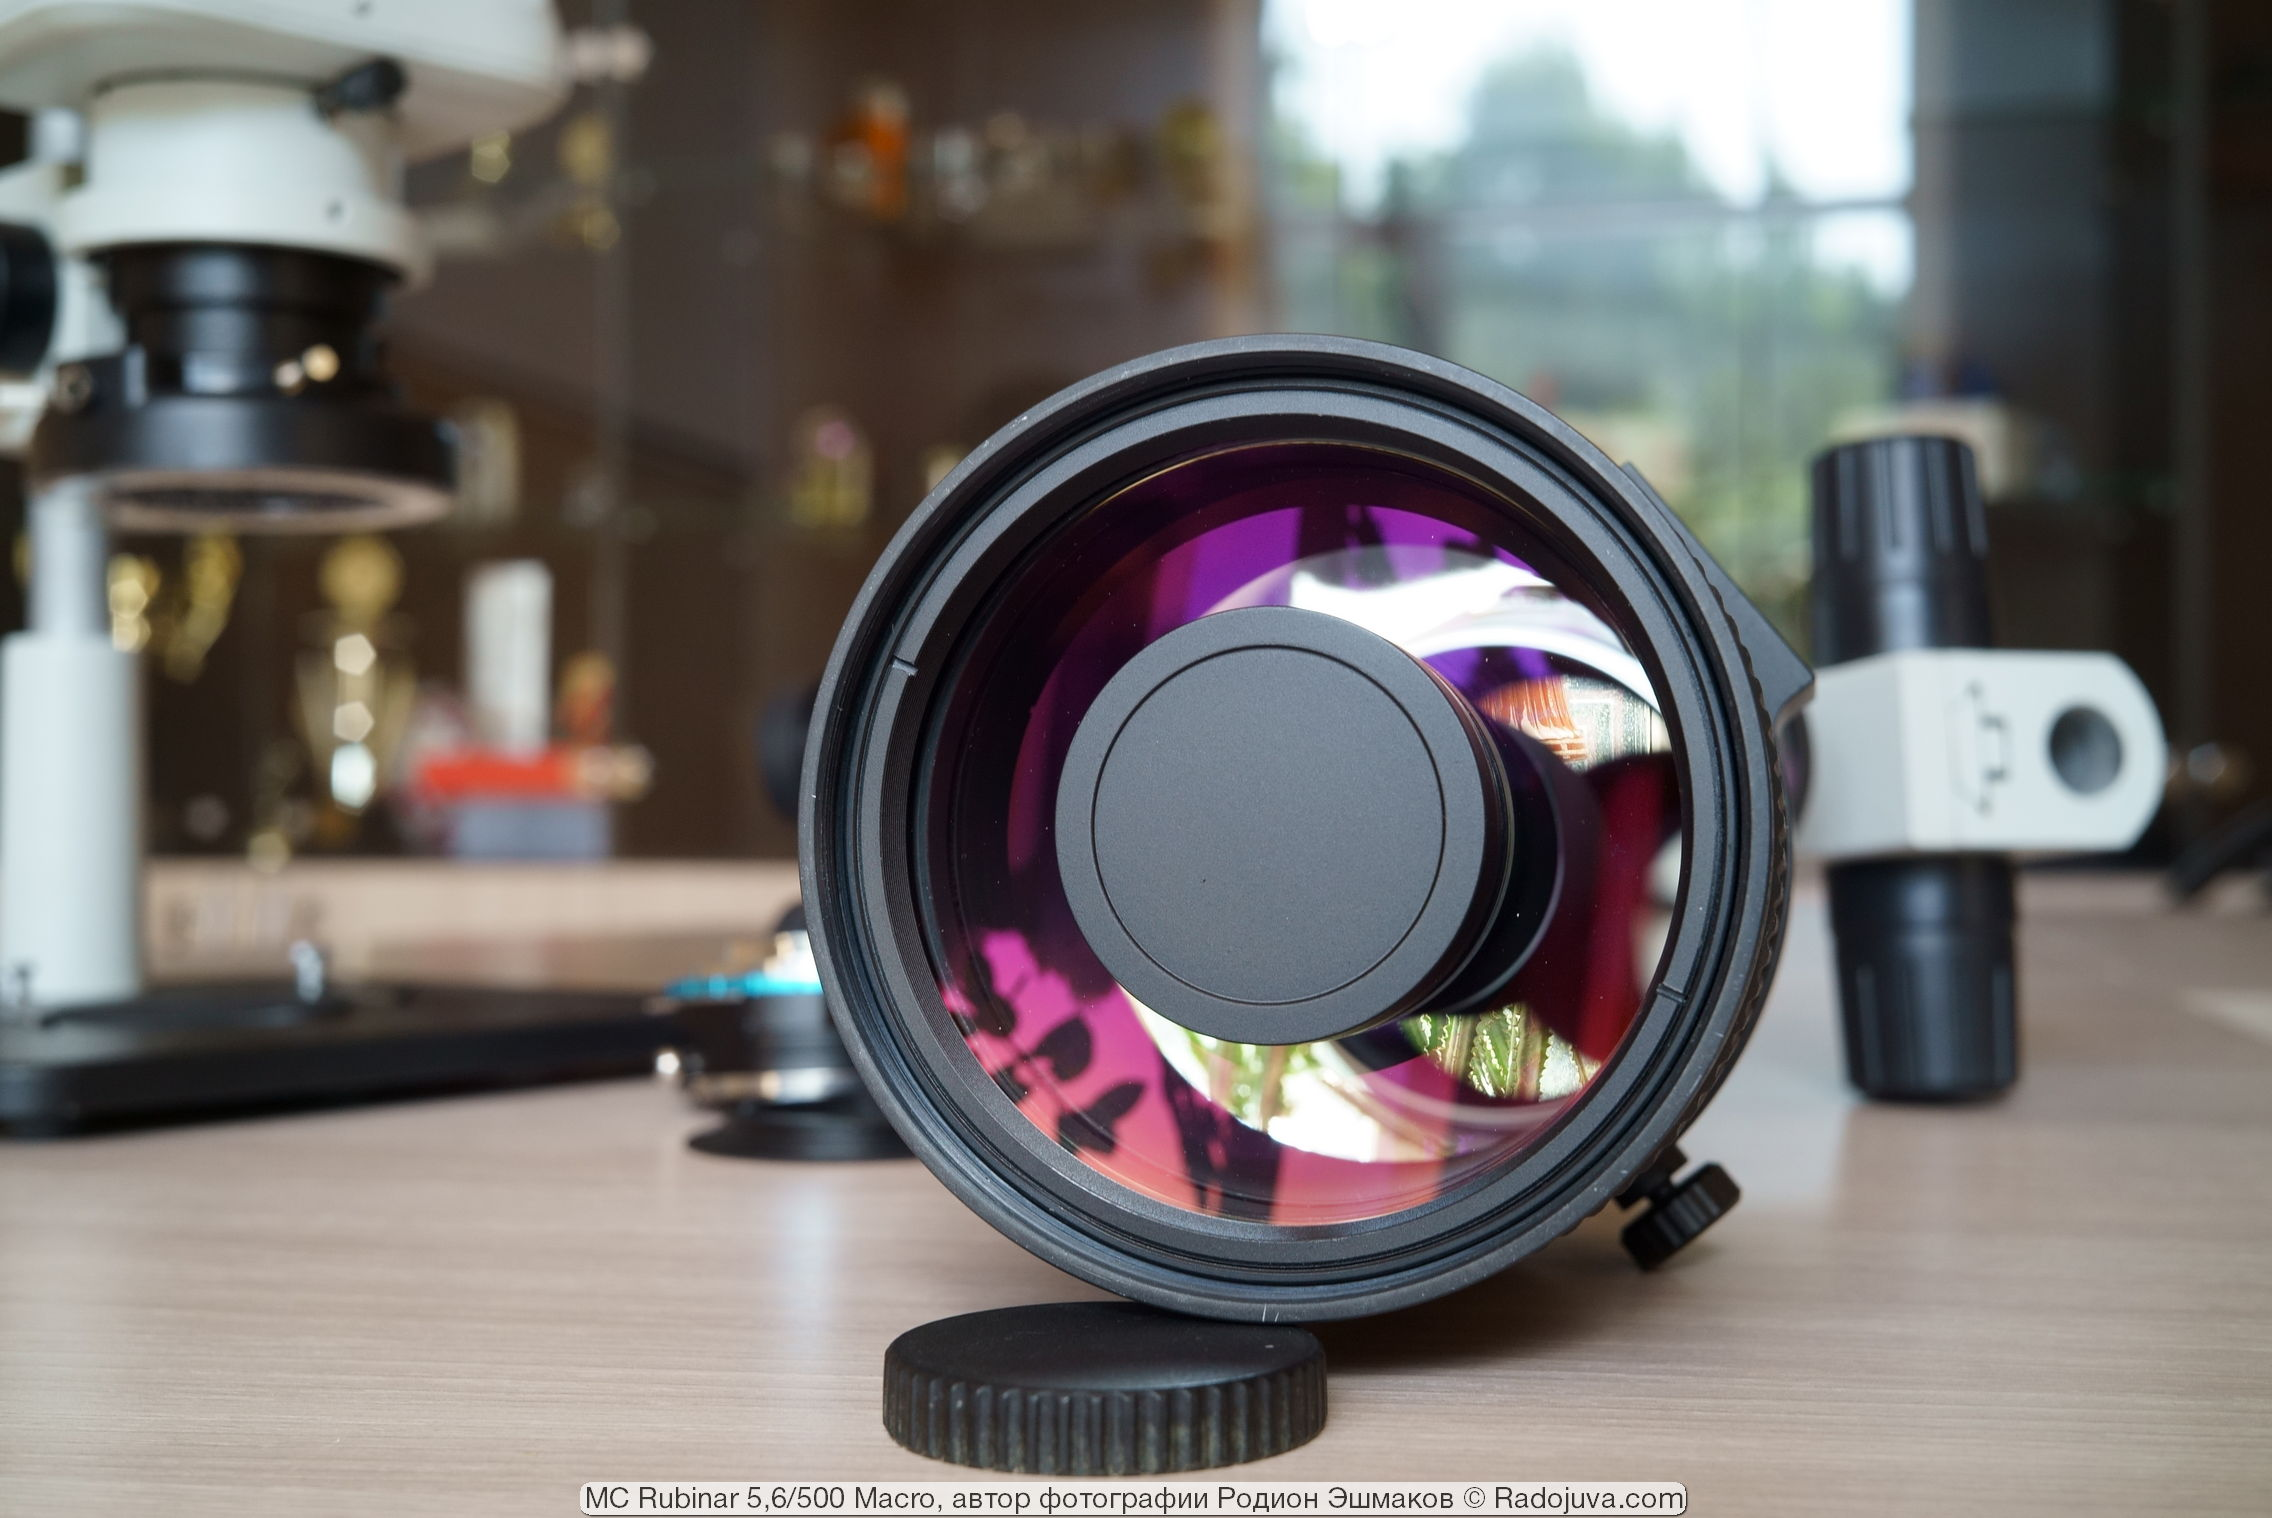 Просветление рубинарам подбирали не под цвет ли Al2O3:Cr2O3?